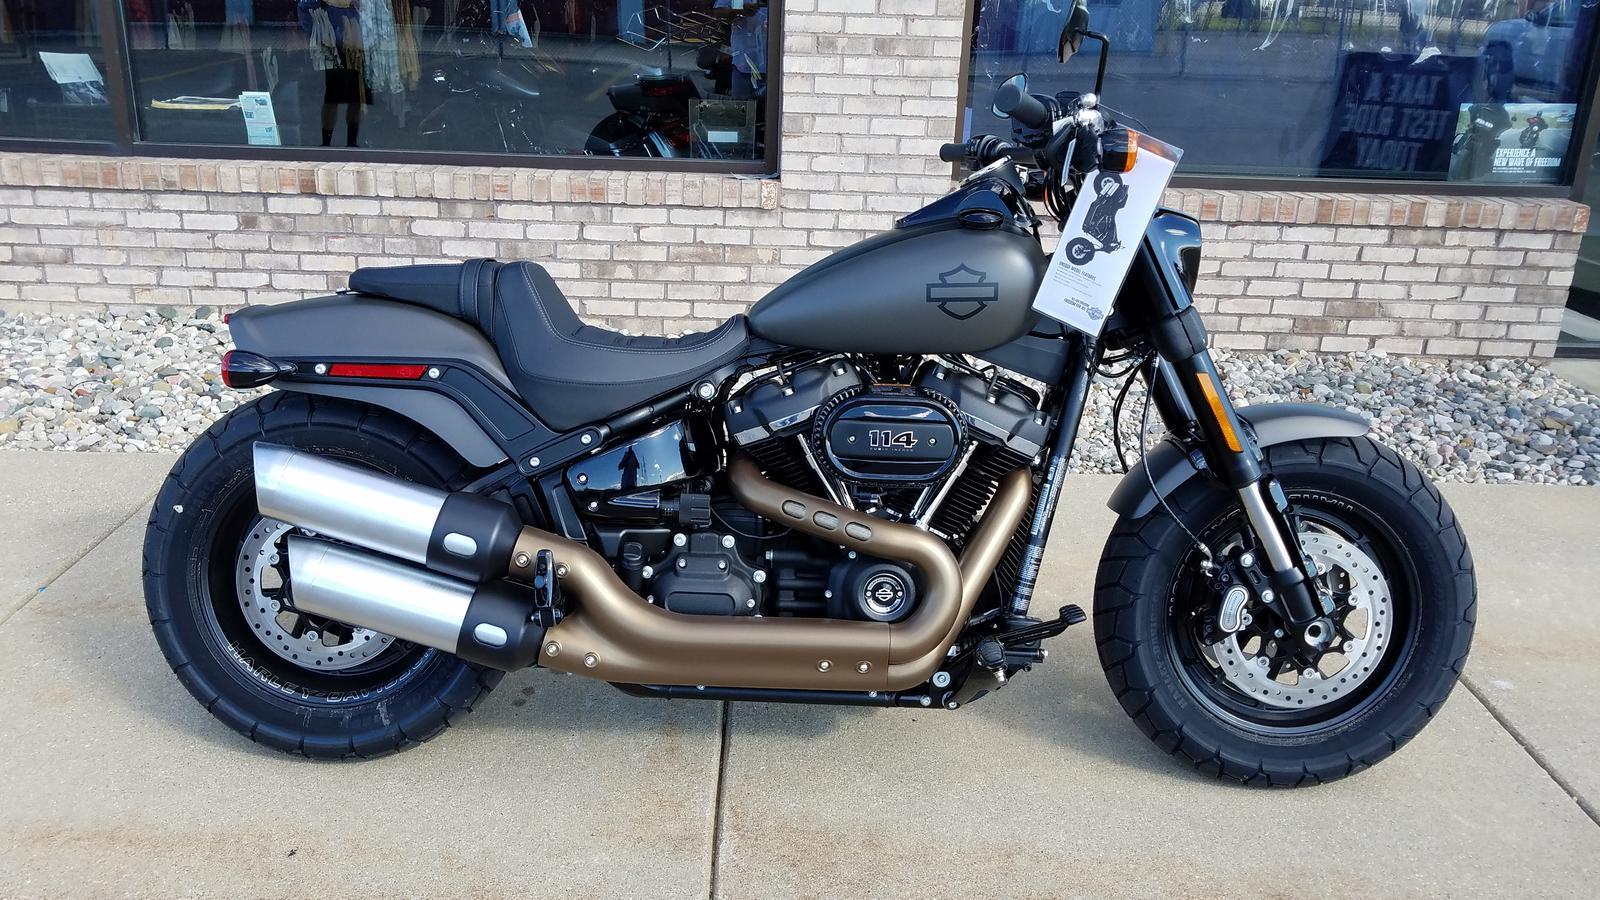 2018 Harley-Davidson® FXBS for sale in Bay City, MI | Great Lakes